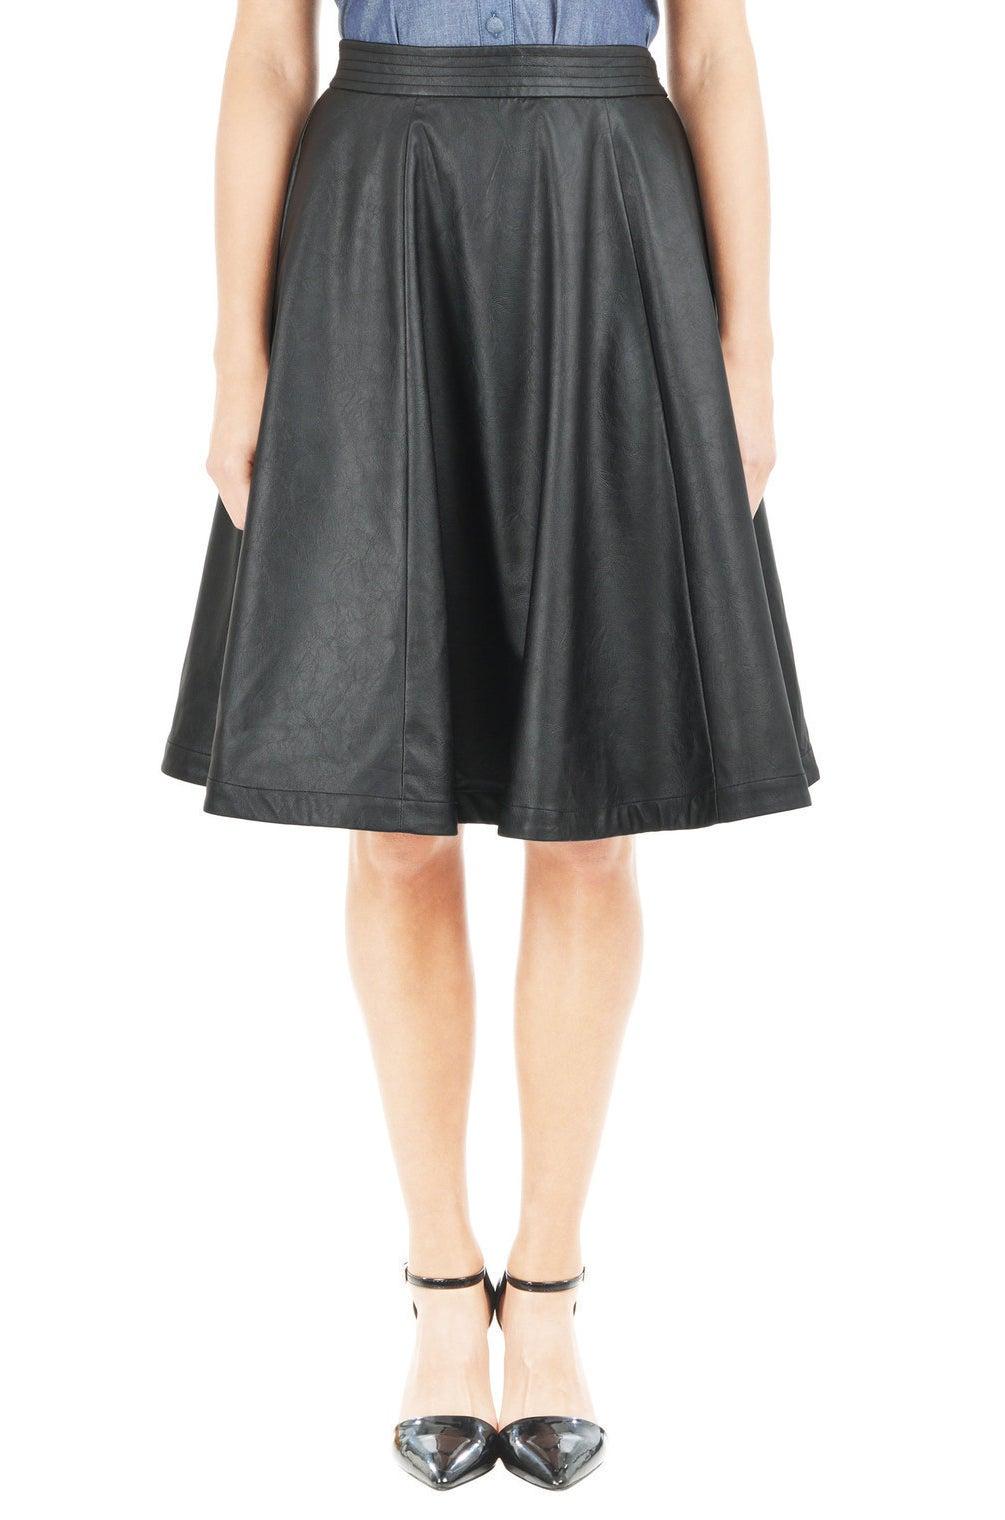 Skirt, $89.95